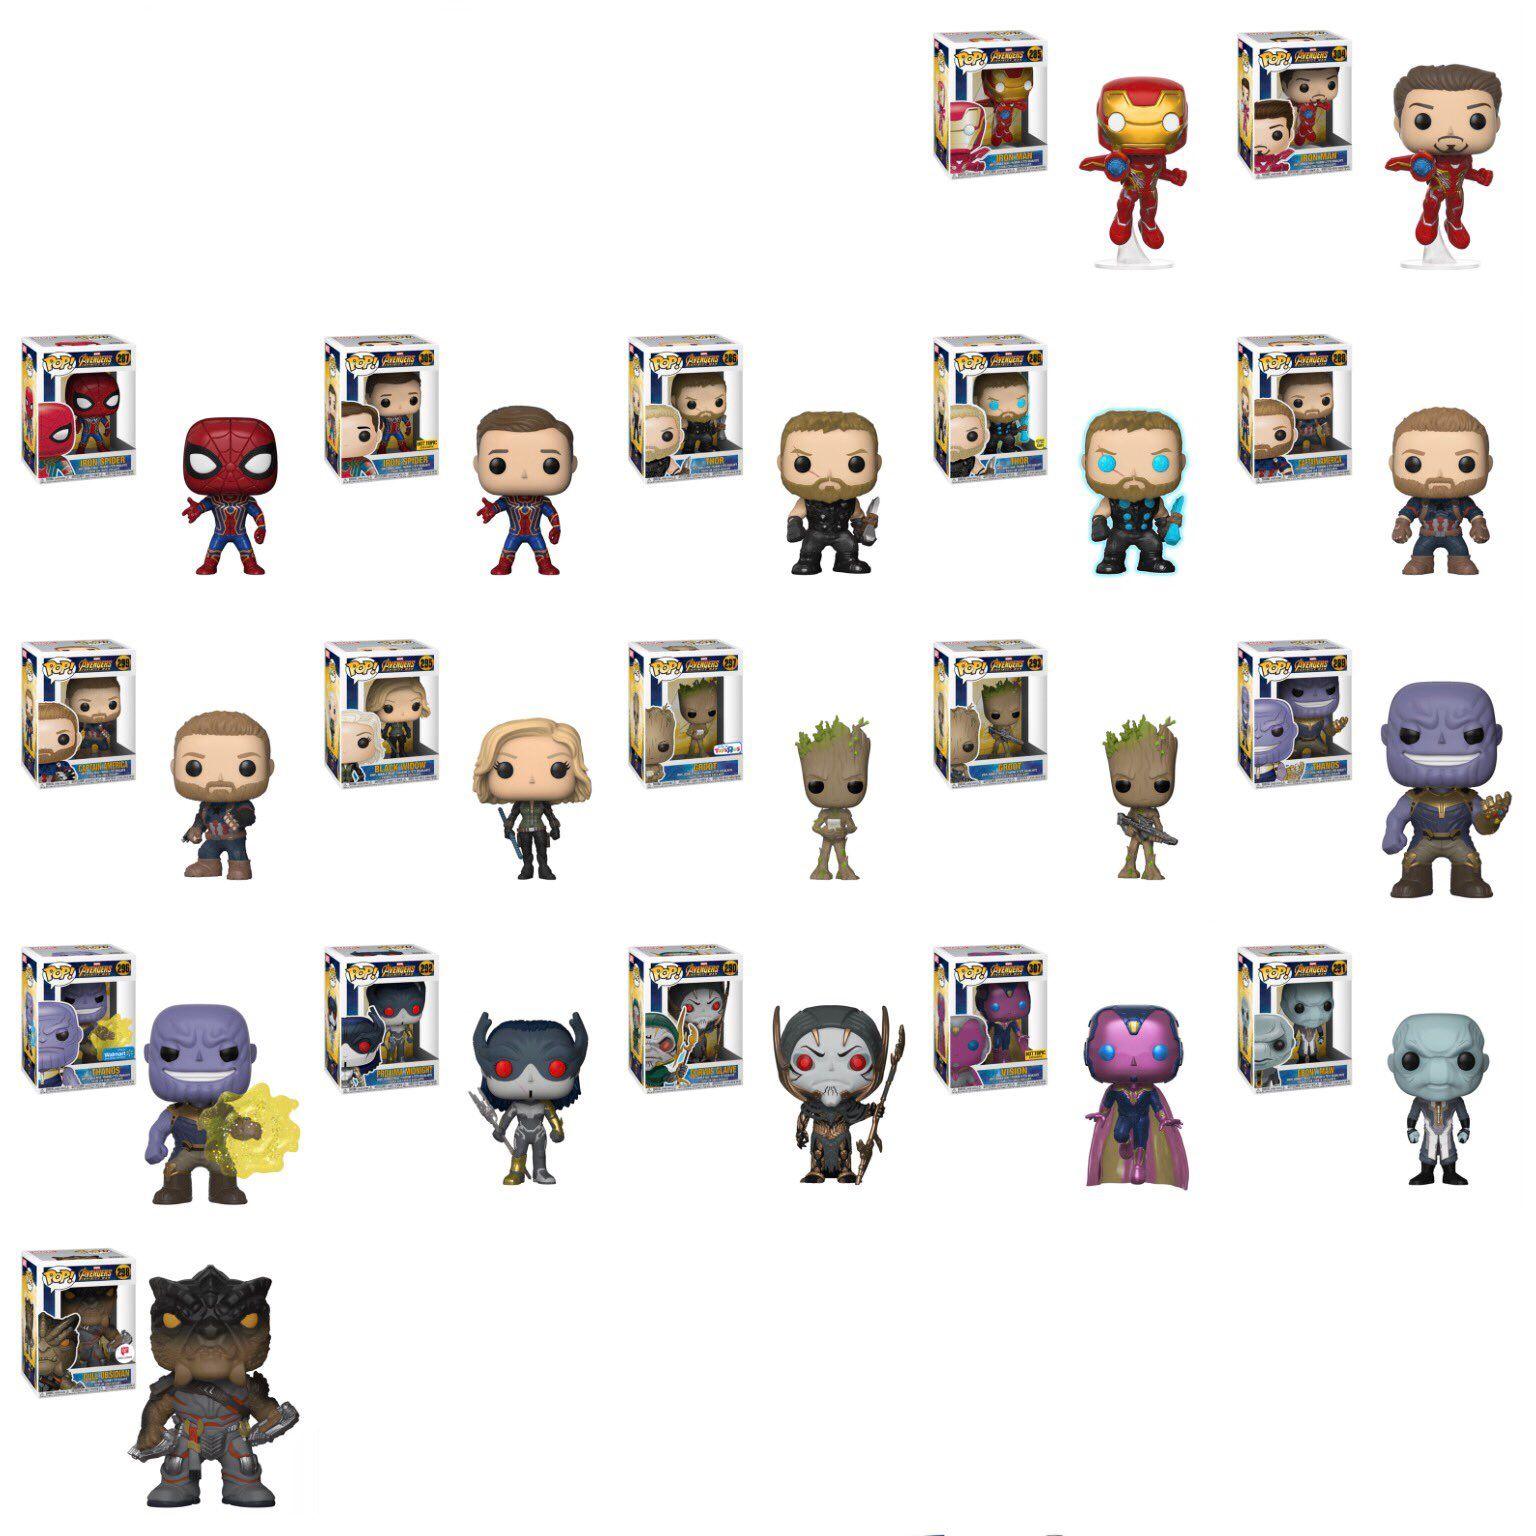 Avengers Infinity War Pop Funko Funko Pop Avengers Marvel Infinity War Funko